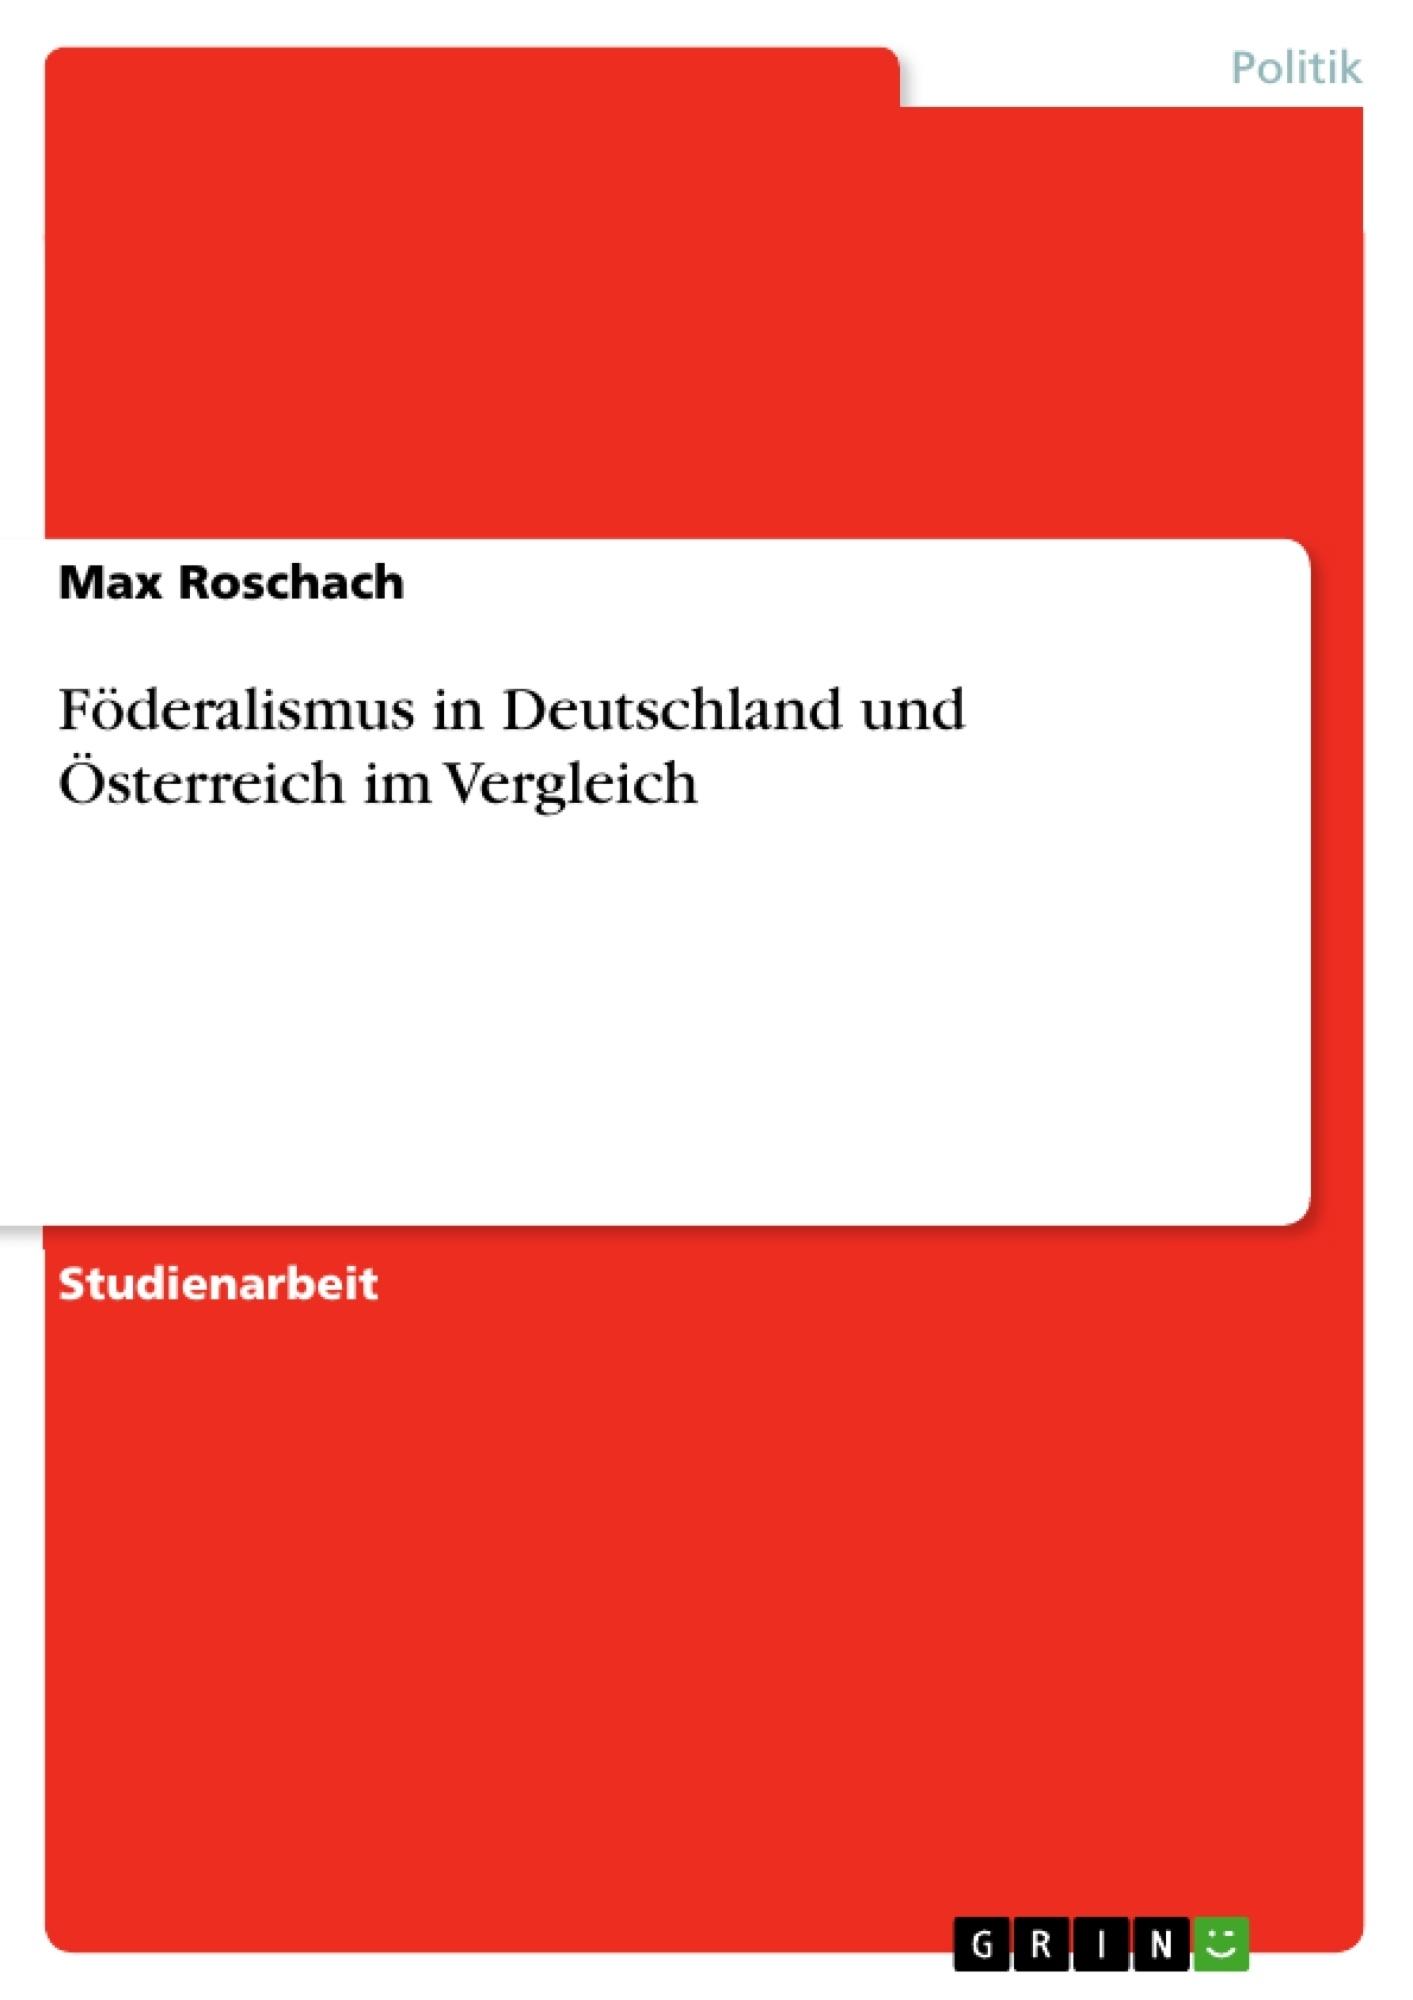 Titel: Föderalismus in Deutschland und Österreich im Vergleich